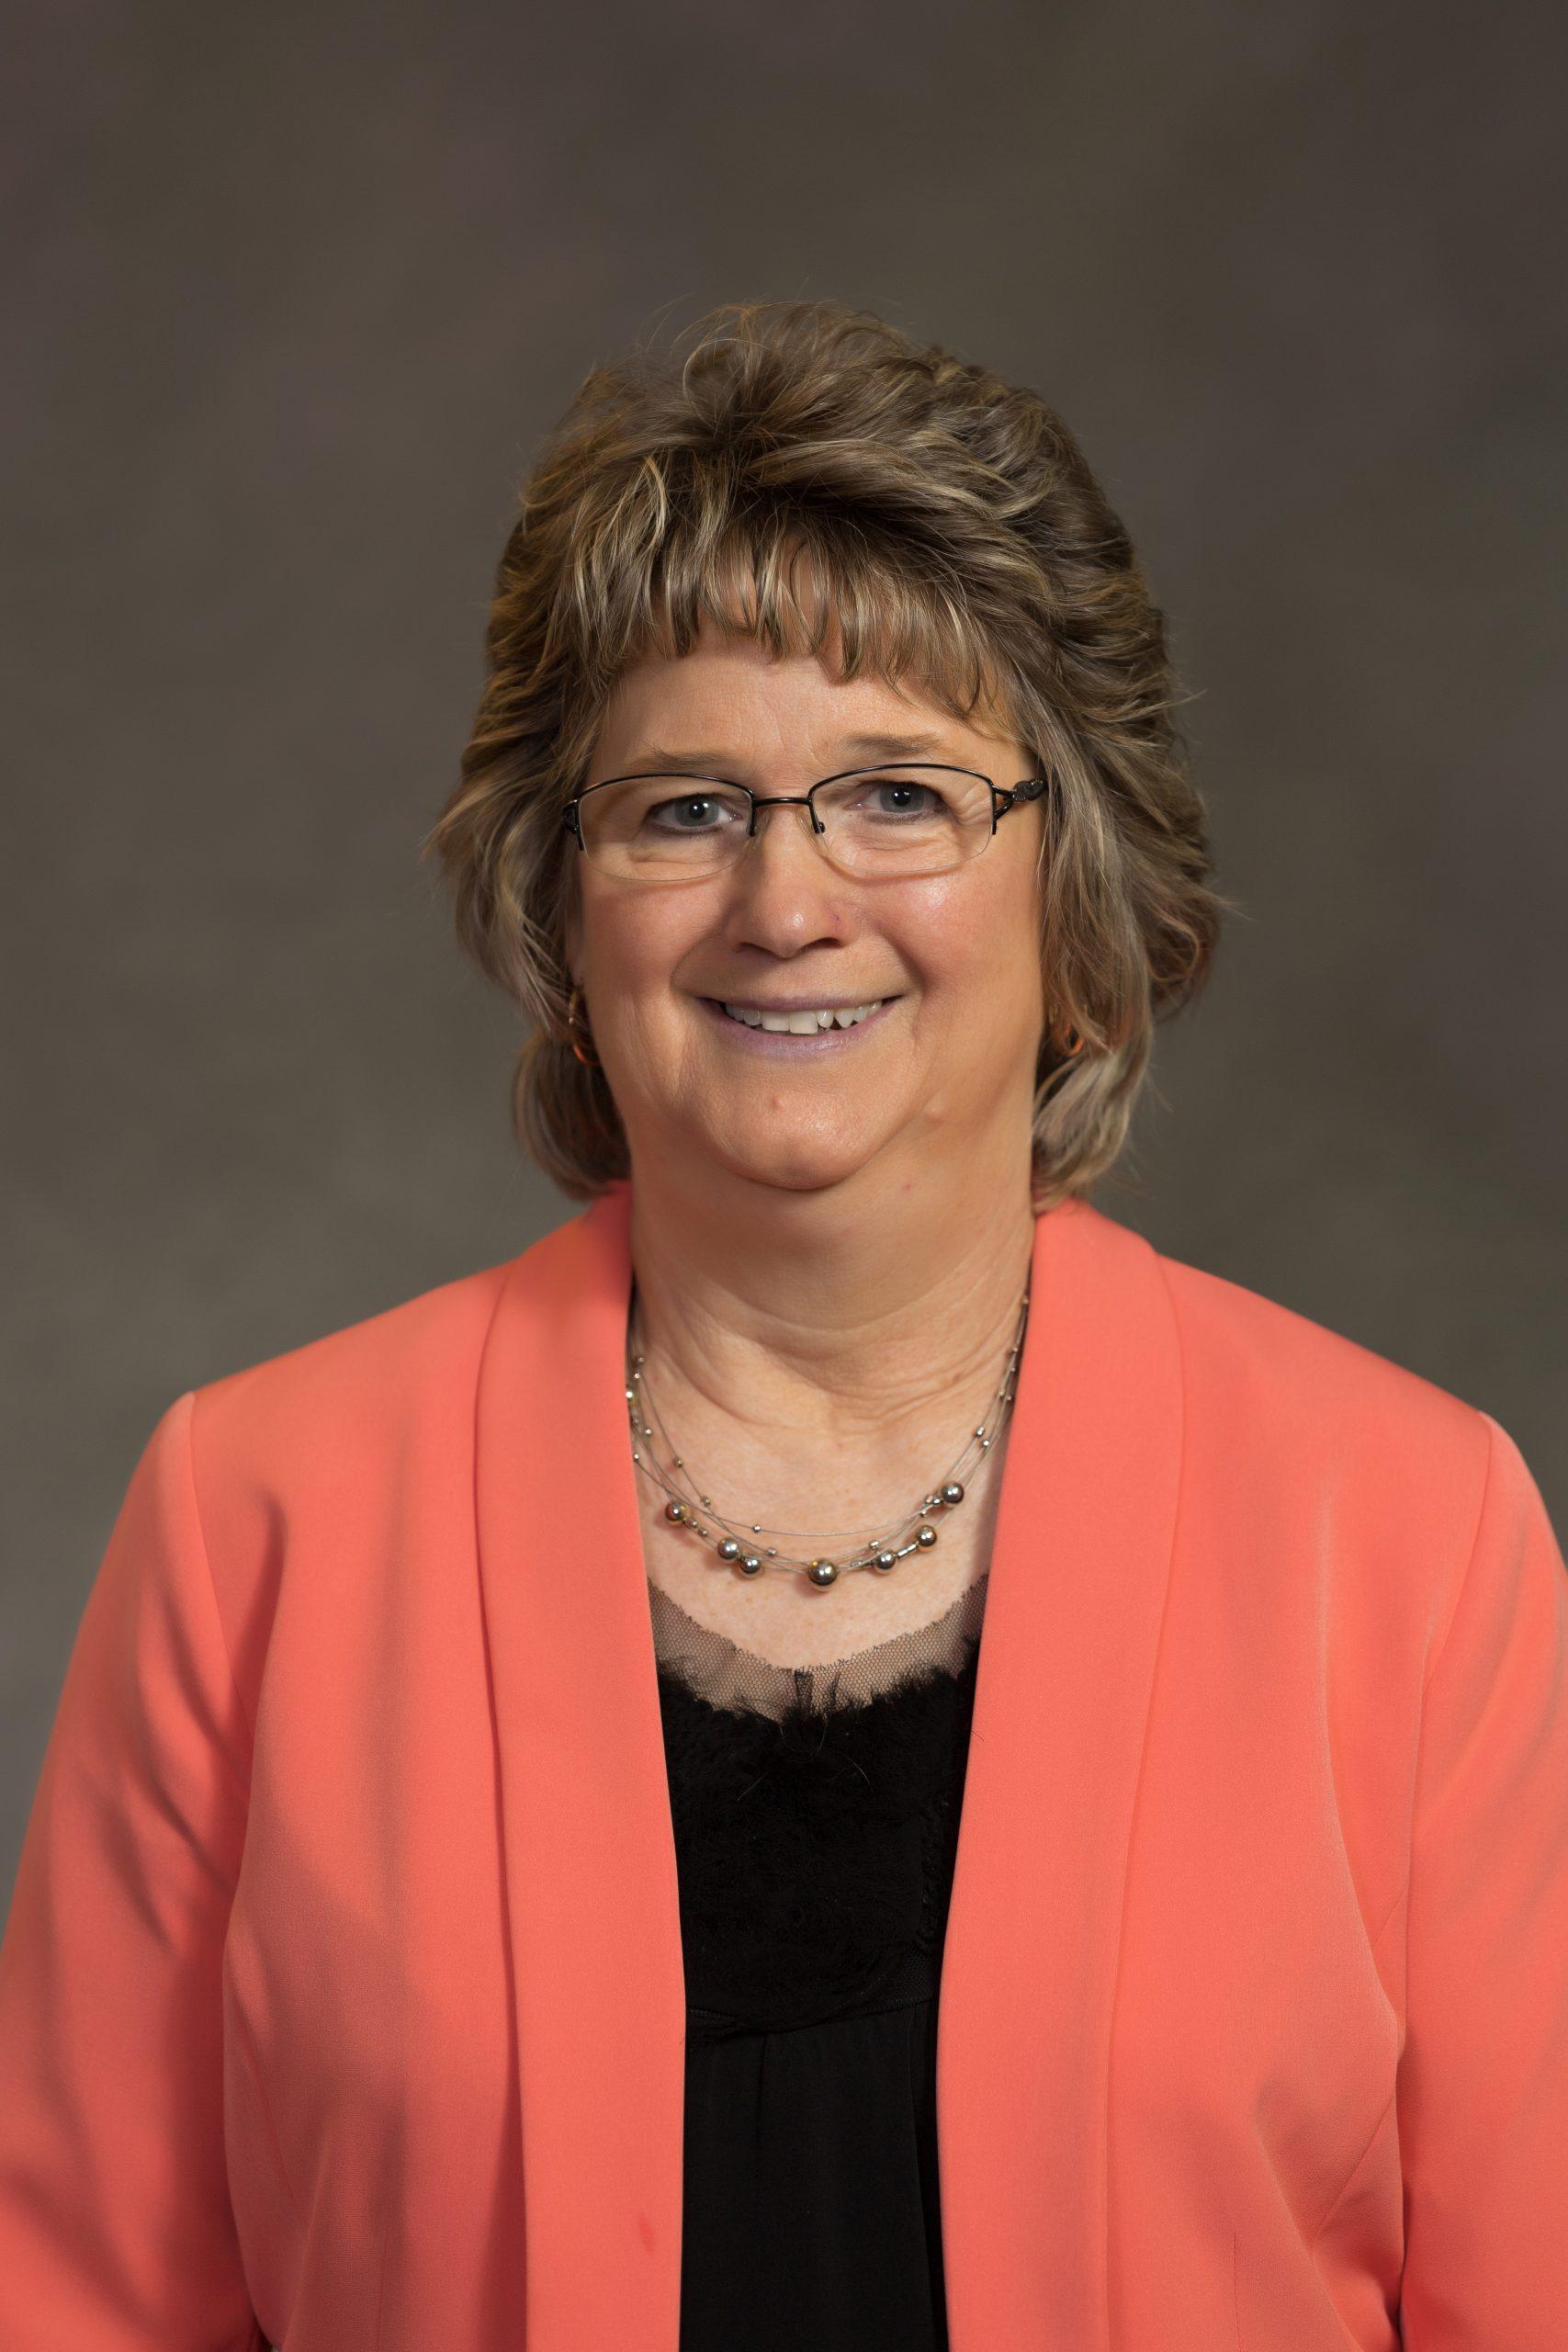 Theresa Waechter